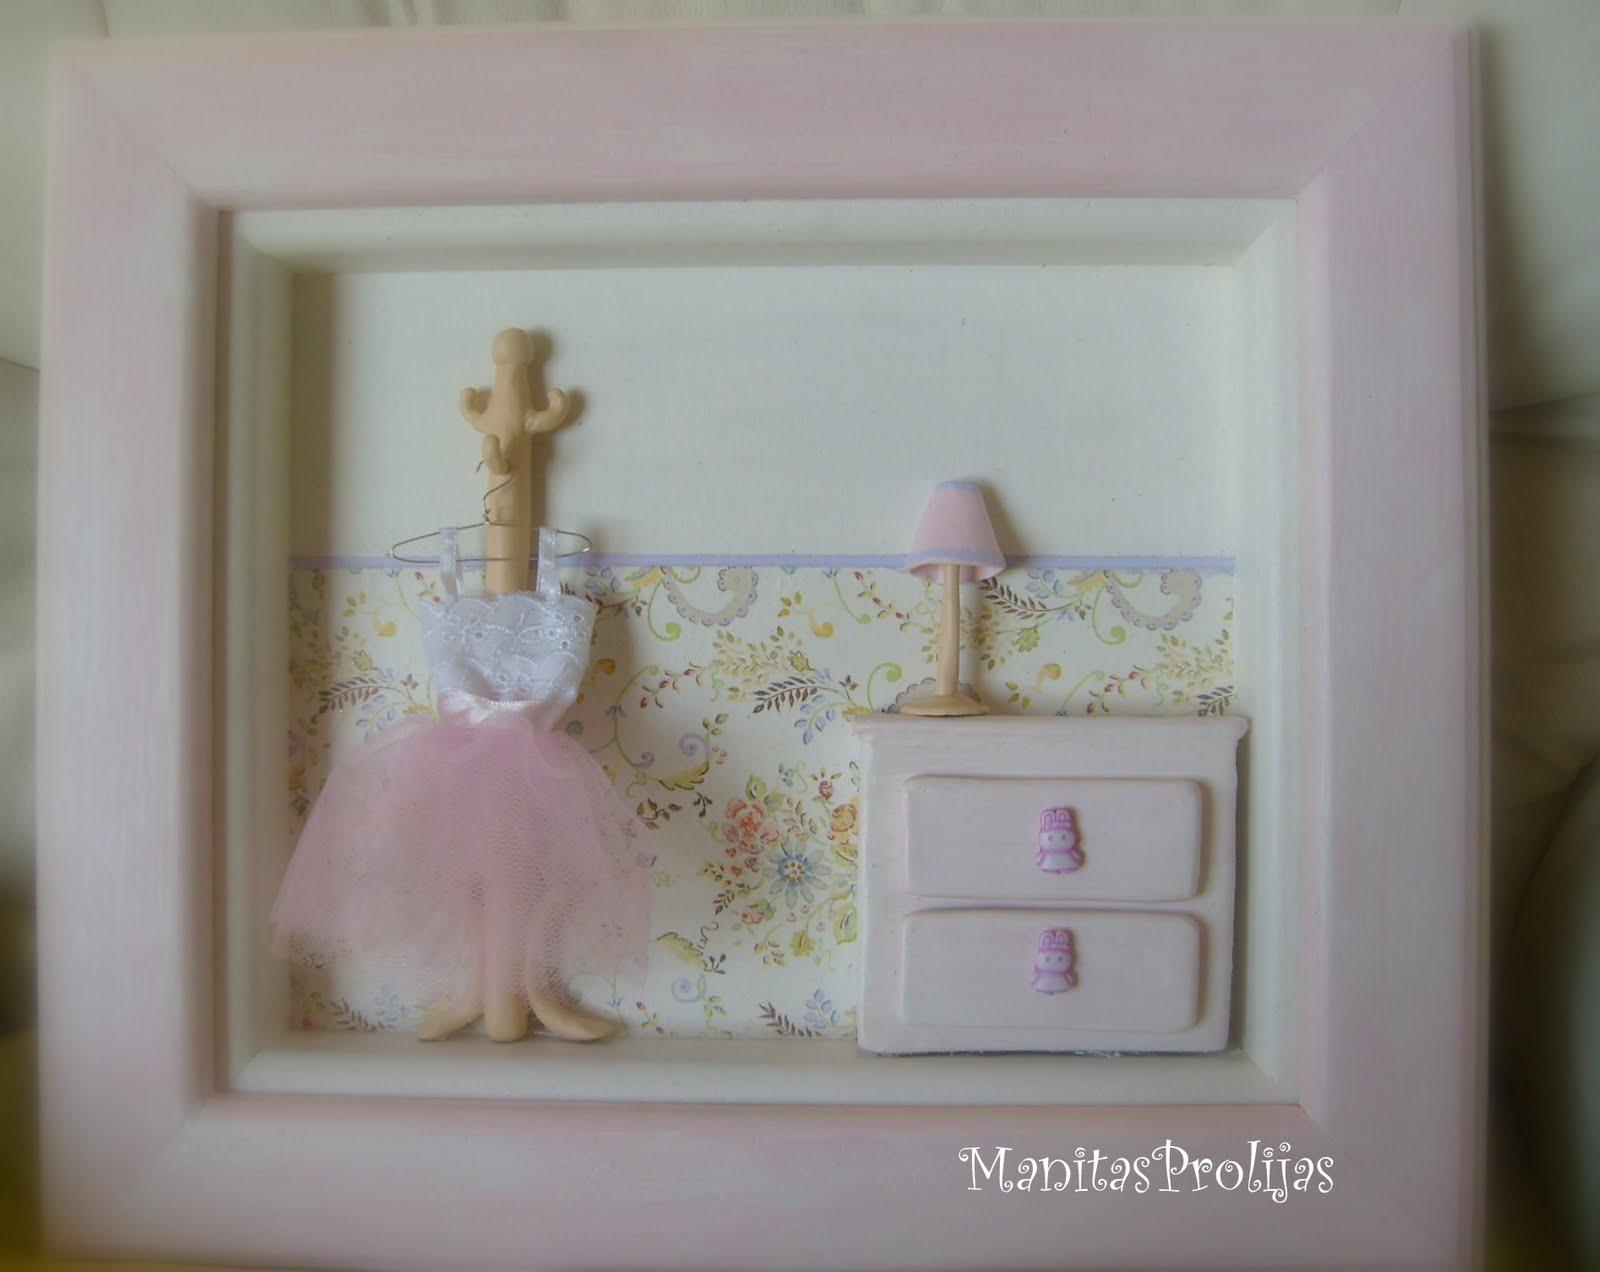 Dormitorio para futuras bailarinas trendy children blog - Cuadro habitacion bebe ...